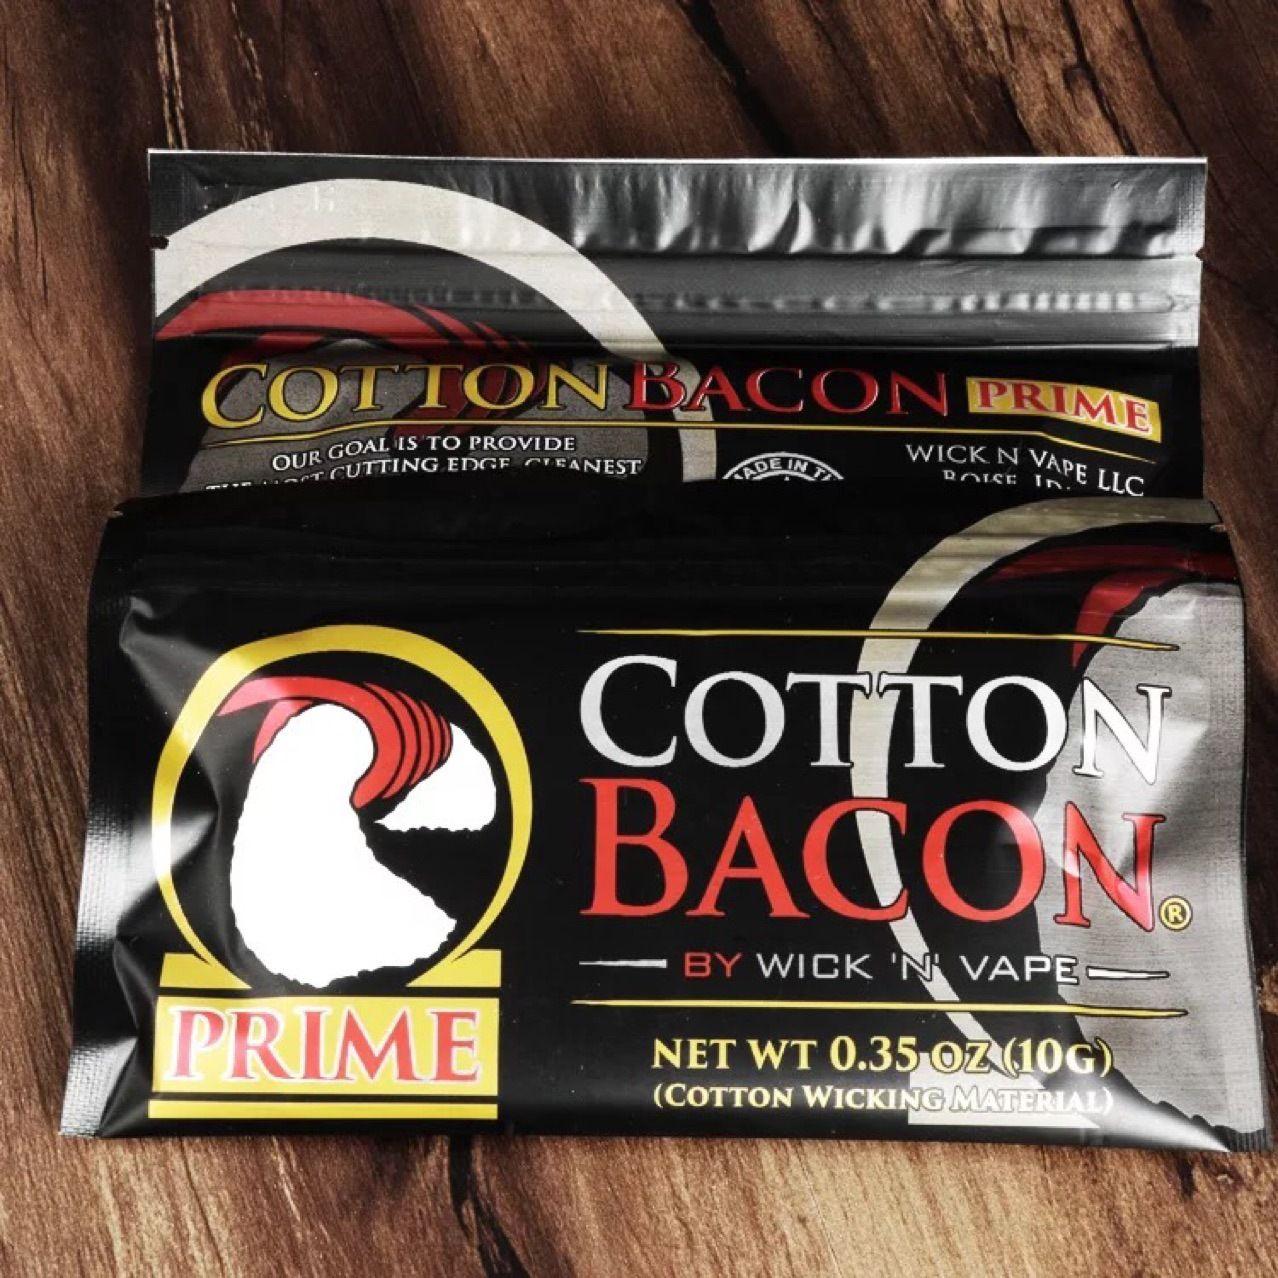 100% coton biologique la version la plus récente de COTTON BACON 2.0 Prime Gold pour le bricolage RDA RBA atomiseurs Bobine de chauffage à fil Ecig